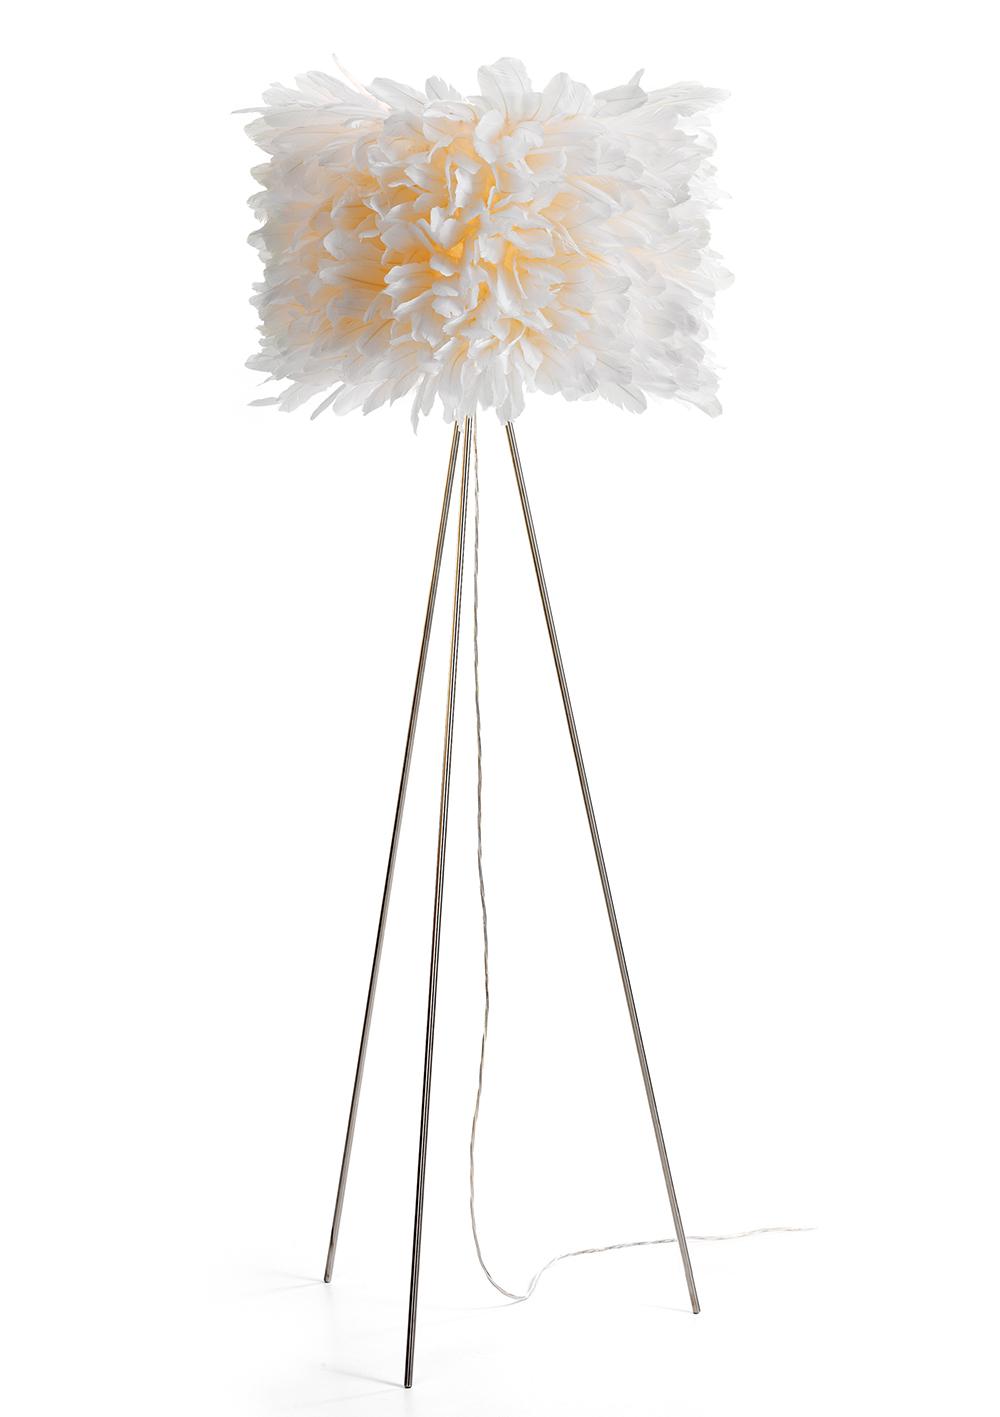 Stehleuchte - auf drei filigranen Stahlbeinen sitzt der zylindrische Leuchten-Schirm. Wie ein sich drehender Petticoat stehen die senkrecht gesteckten Gänsekielfedern in erstarrendem Schwung leicht nach oben und unten zeigend.